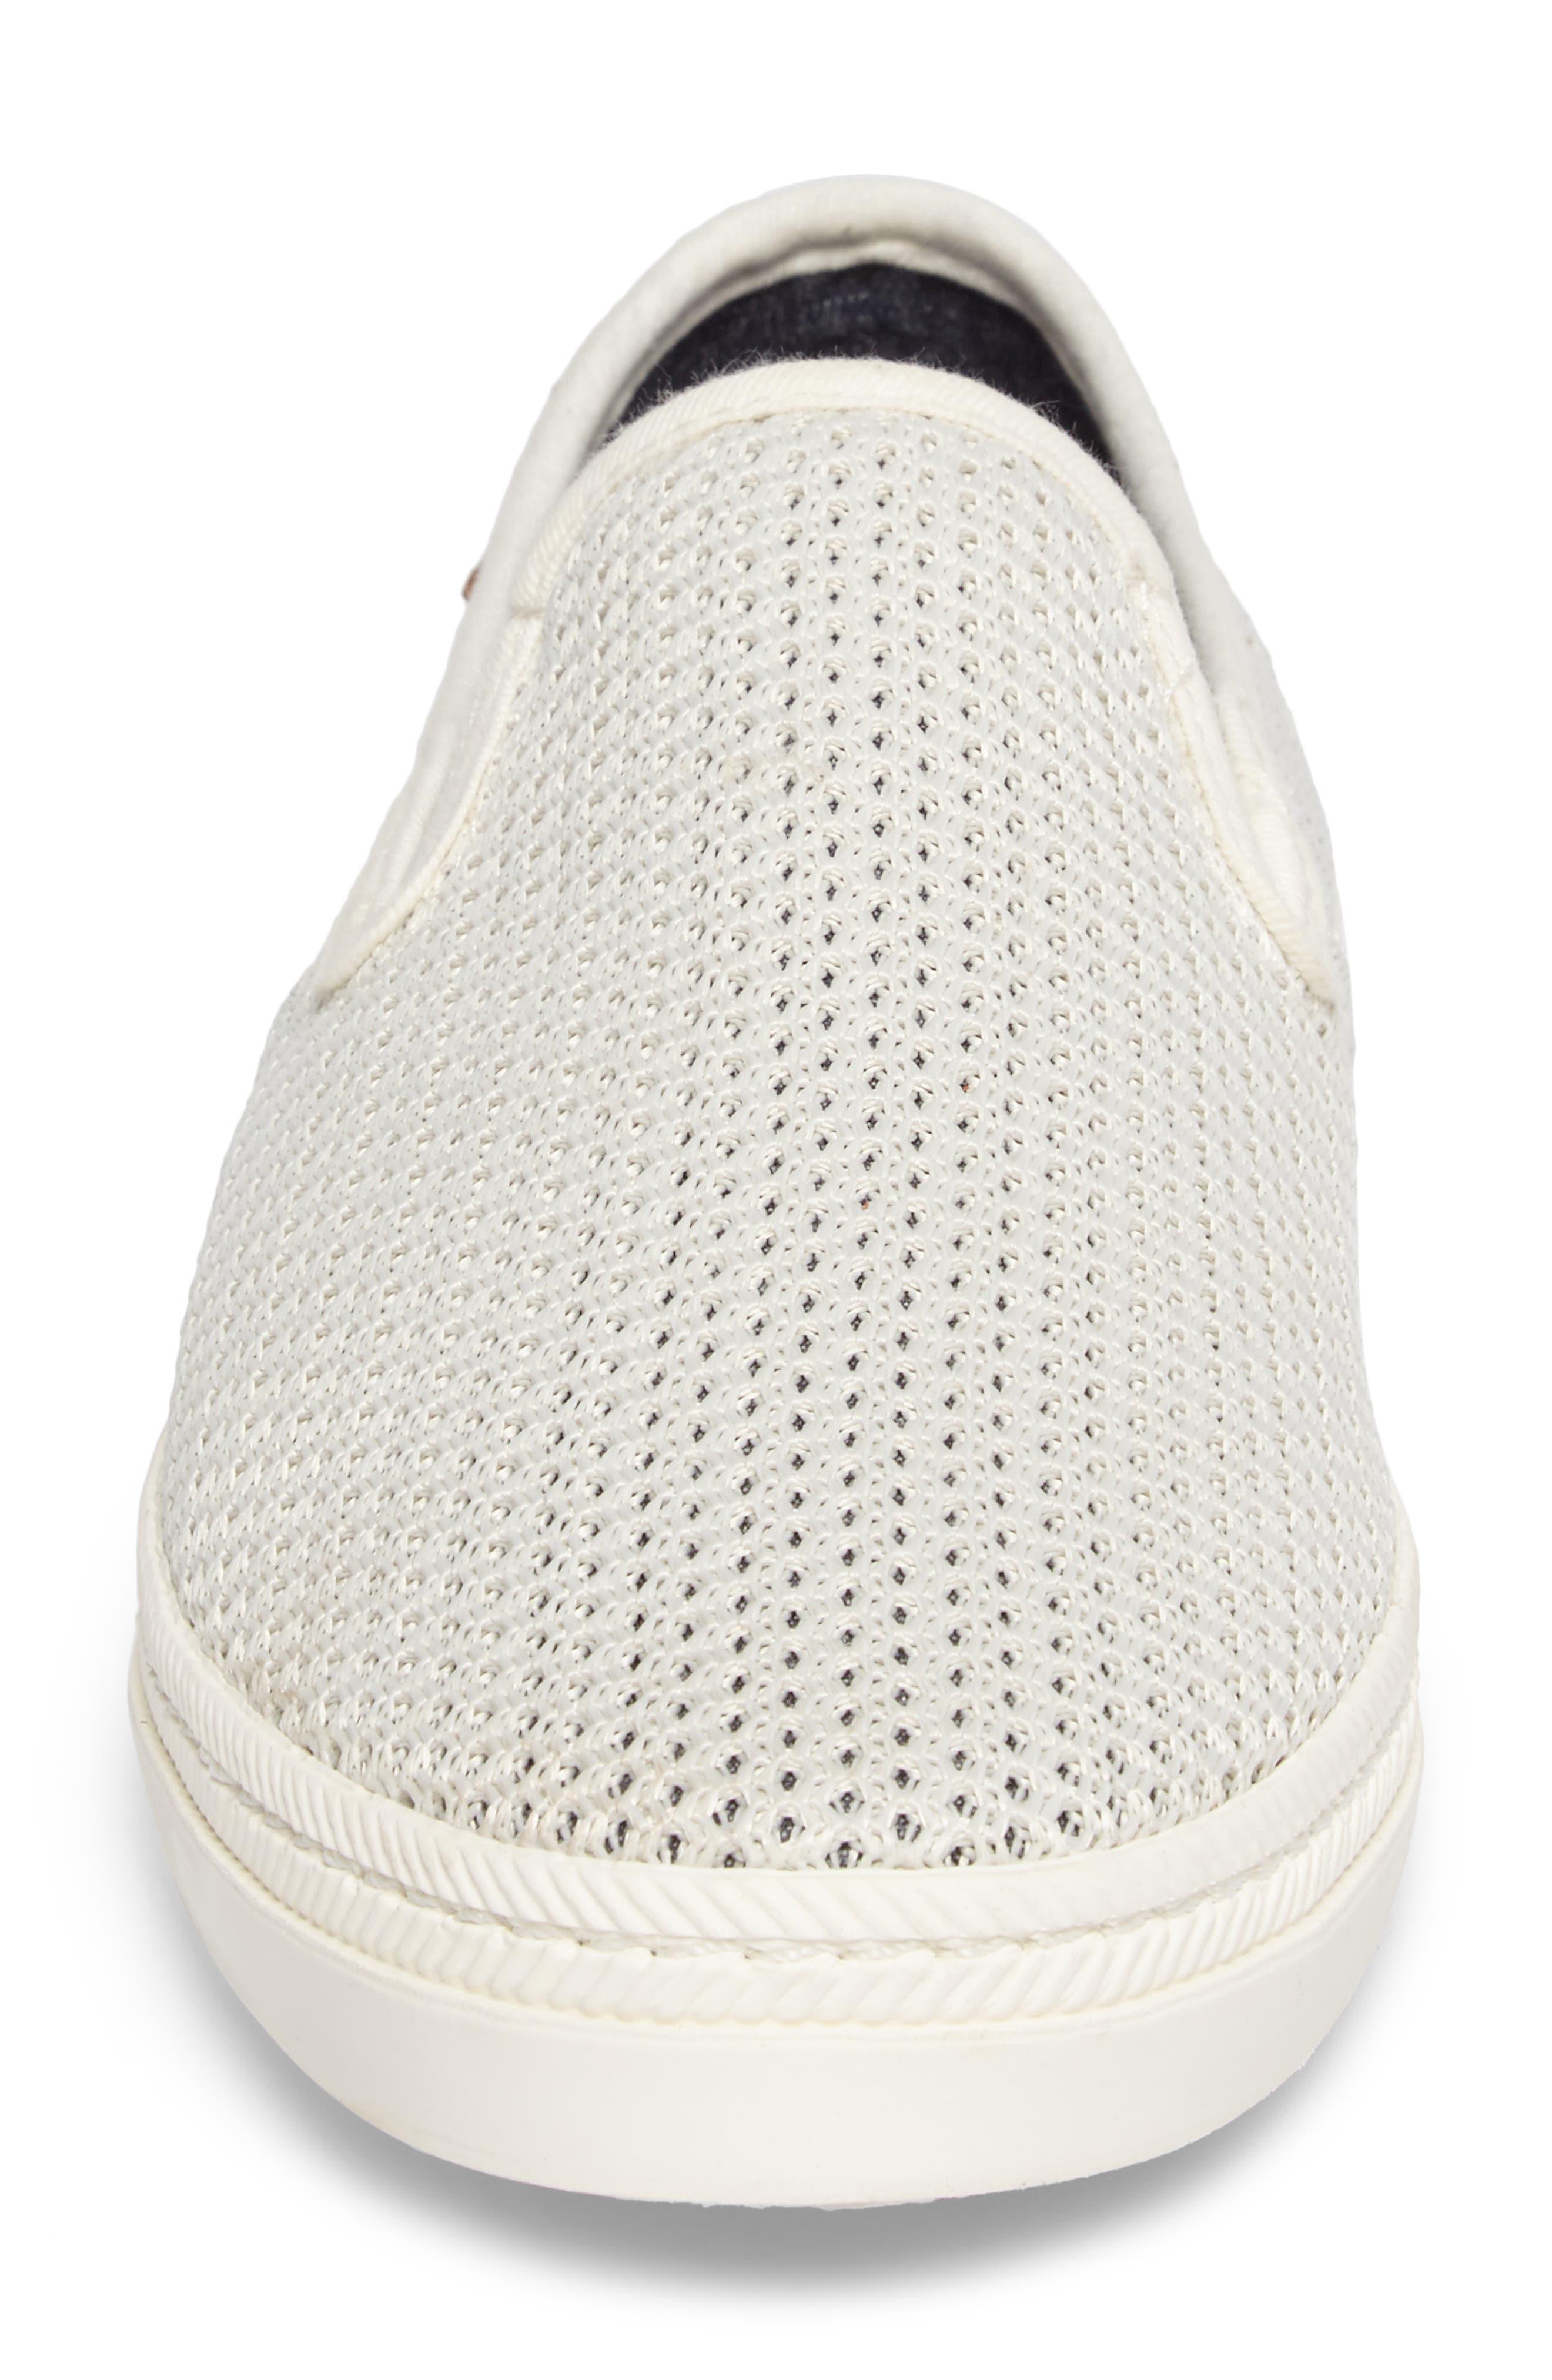 Delray Woven Slip-On Sneaker,                             Alternate thumbnail 4, color,                             Bone Beige Fabric